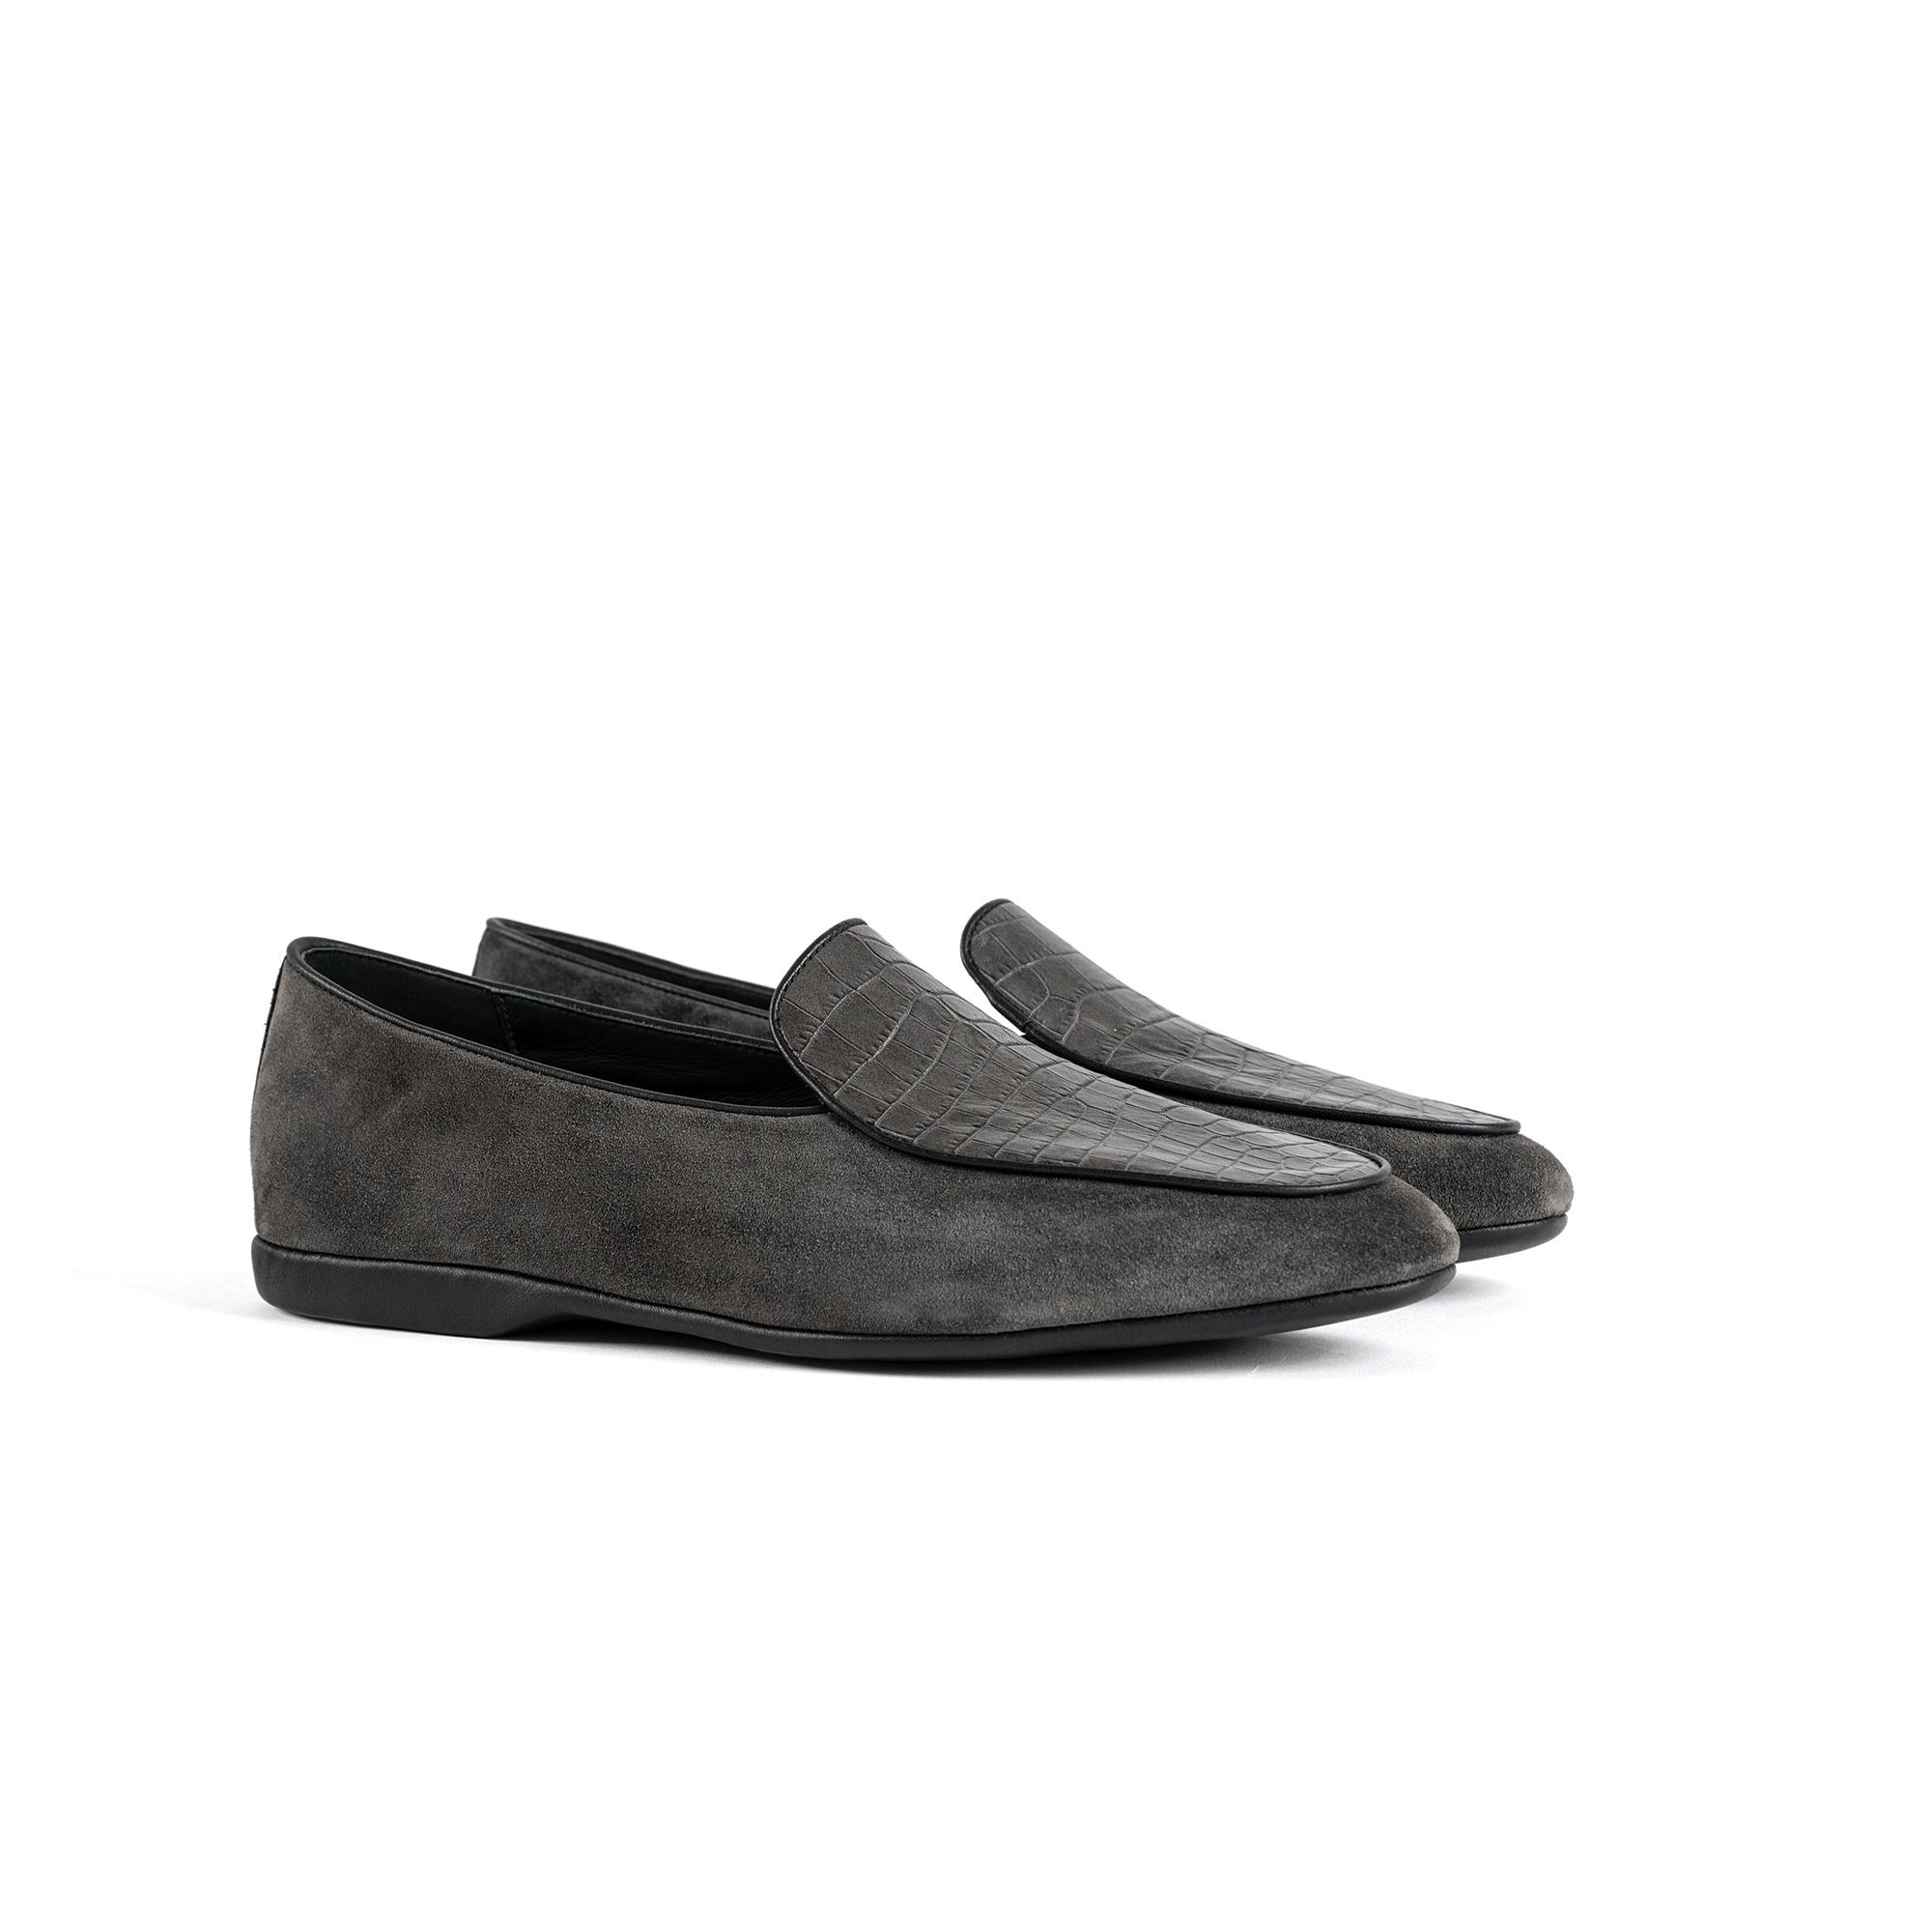 Pantofola interno lusso in velour grigio - Farfalla italian slippers